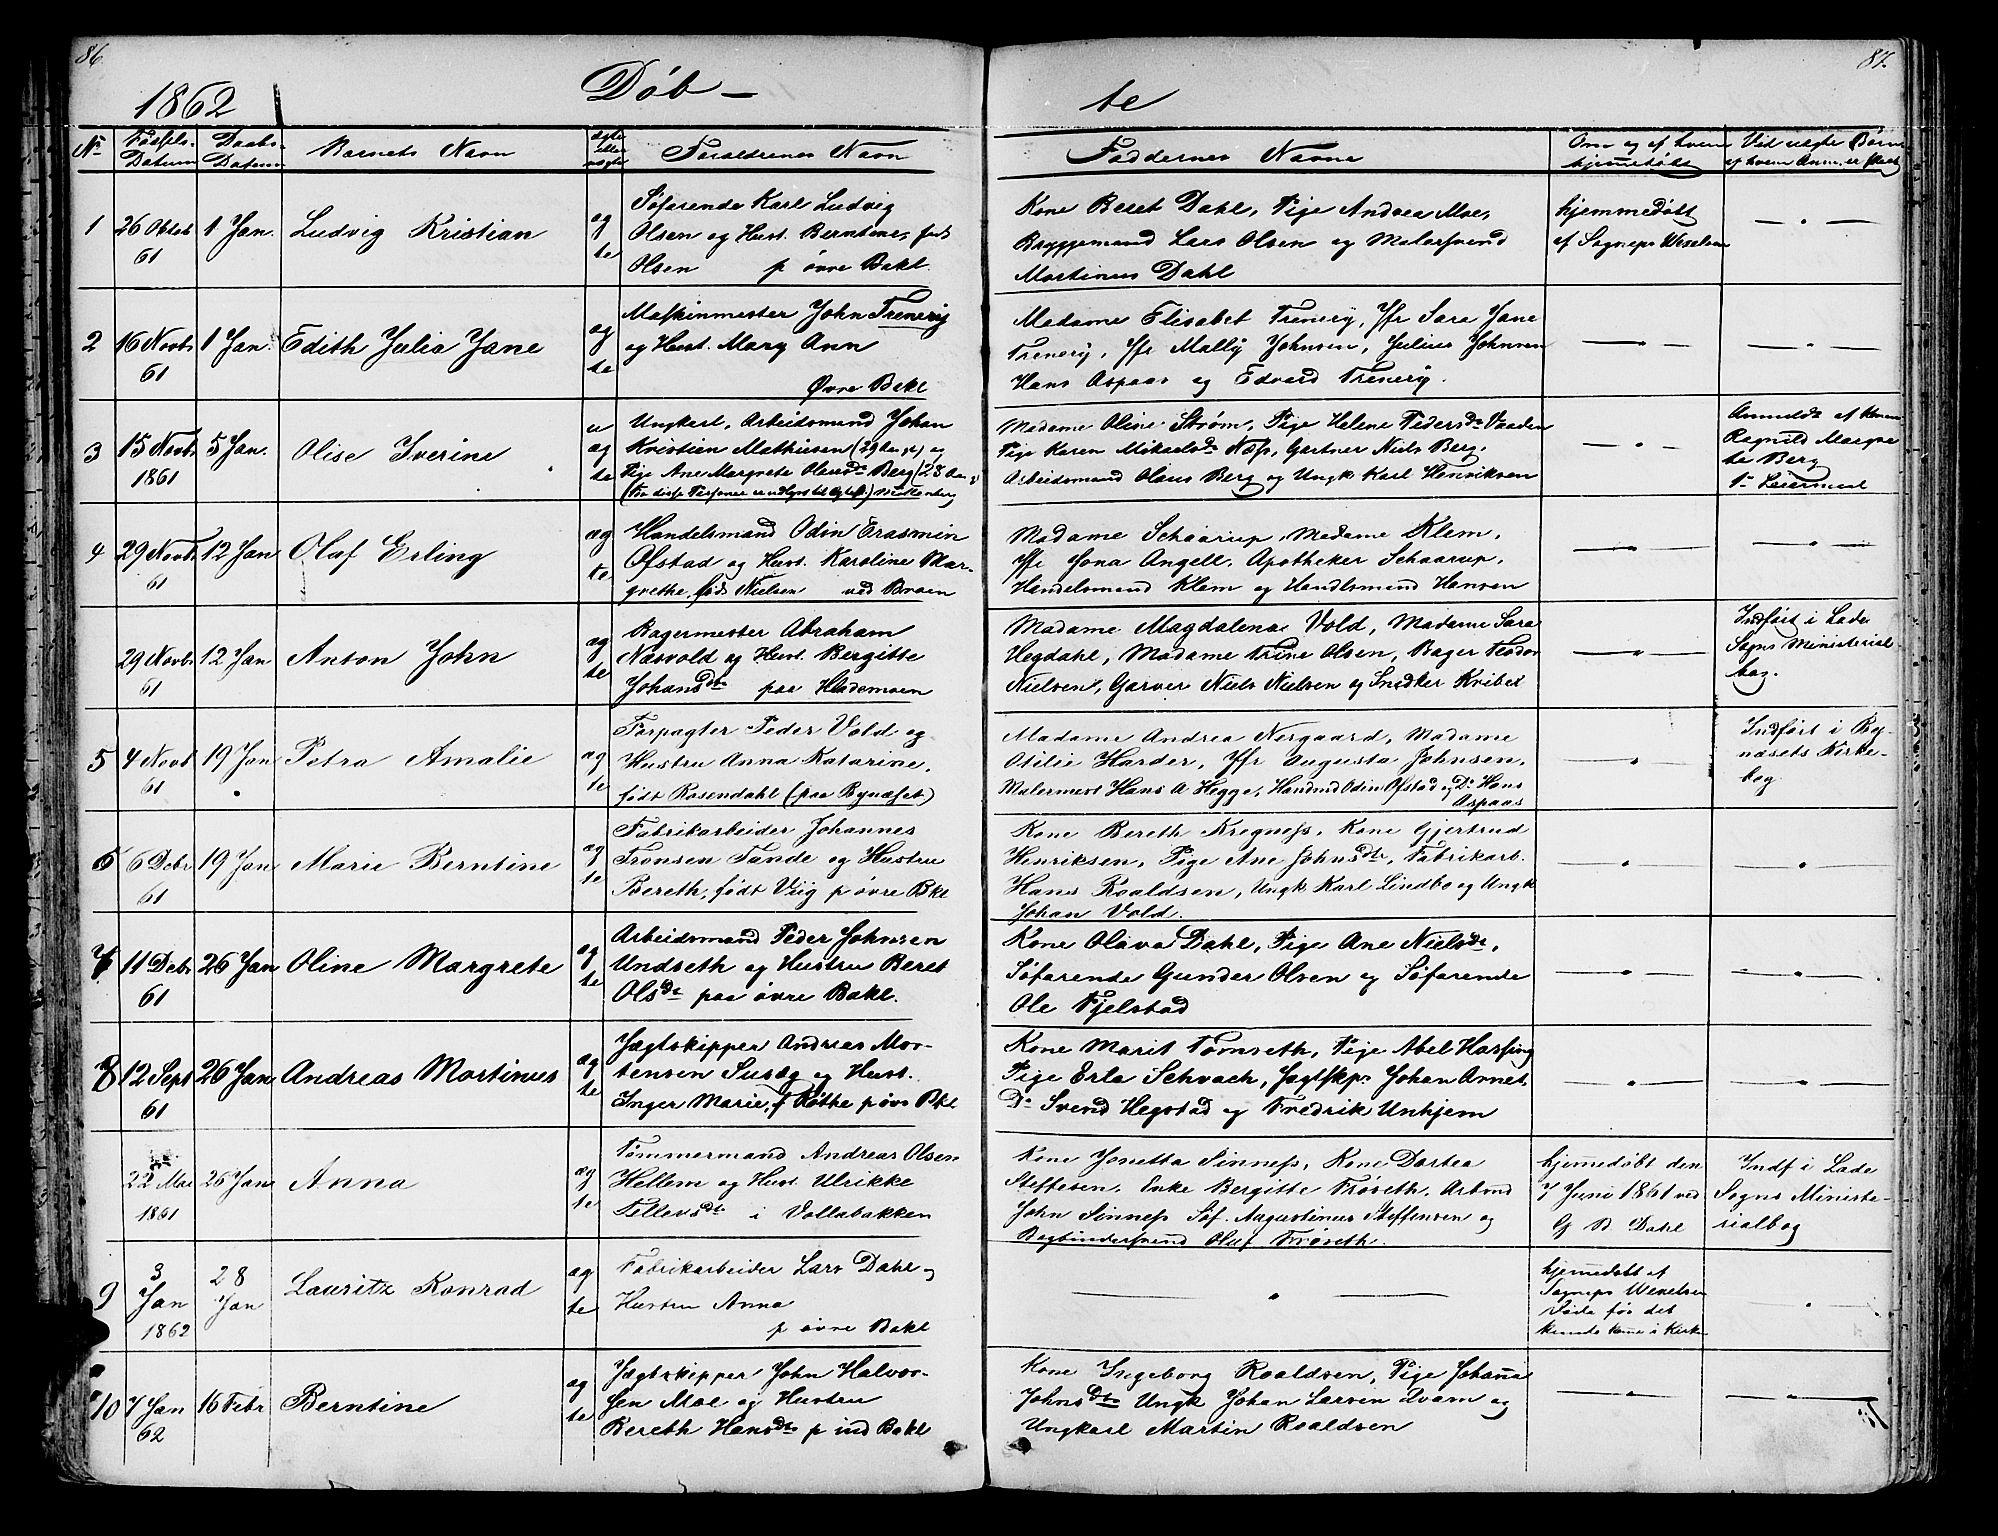 SAT, Ministerialprotokoller, klokkerbøker og fødselsregistre - Sør-Trøndelag, 604/L0219: Klokkerbok nr. 604C02, 1851-1869, s. 86-87